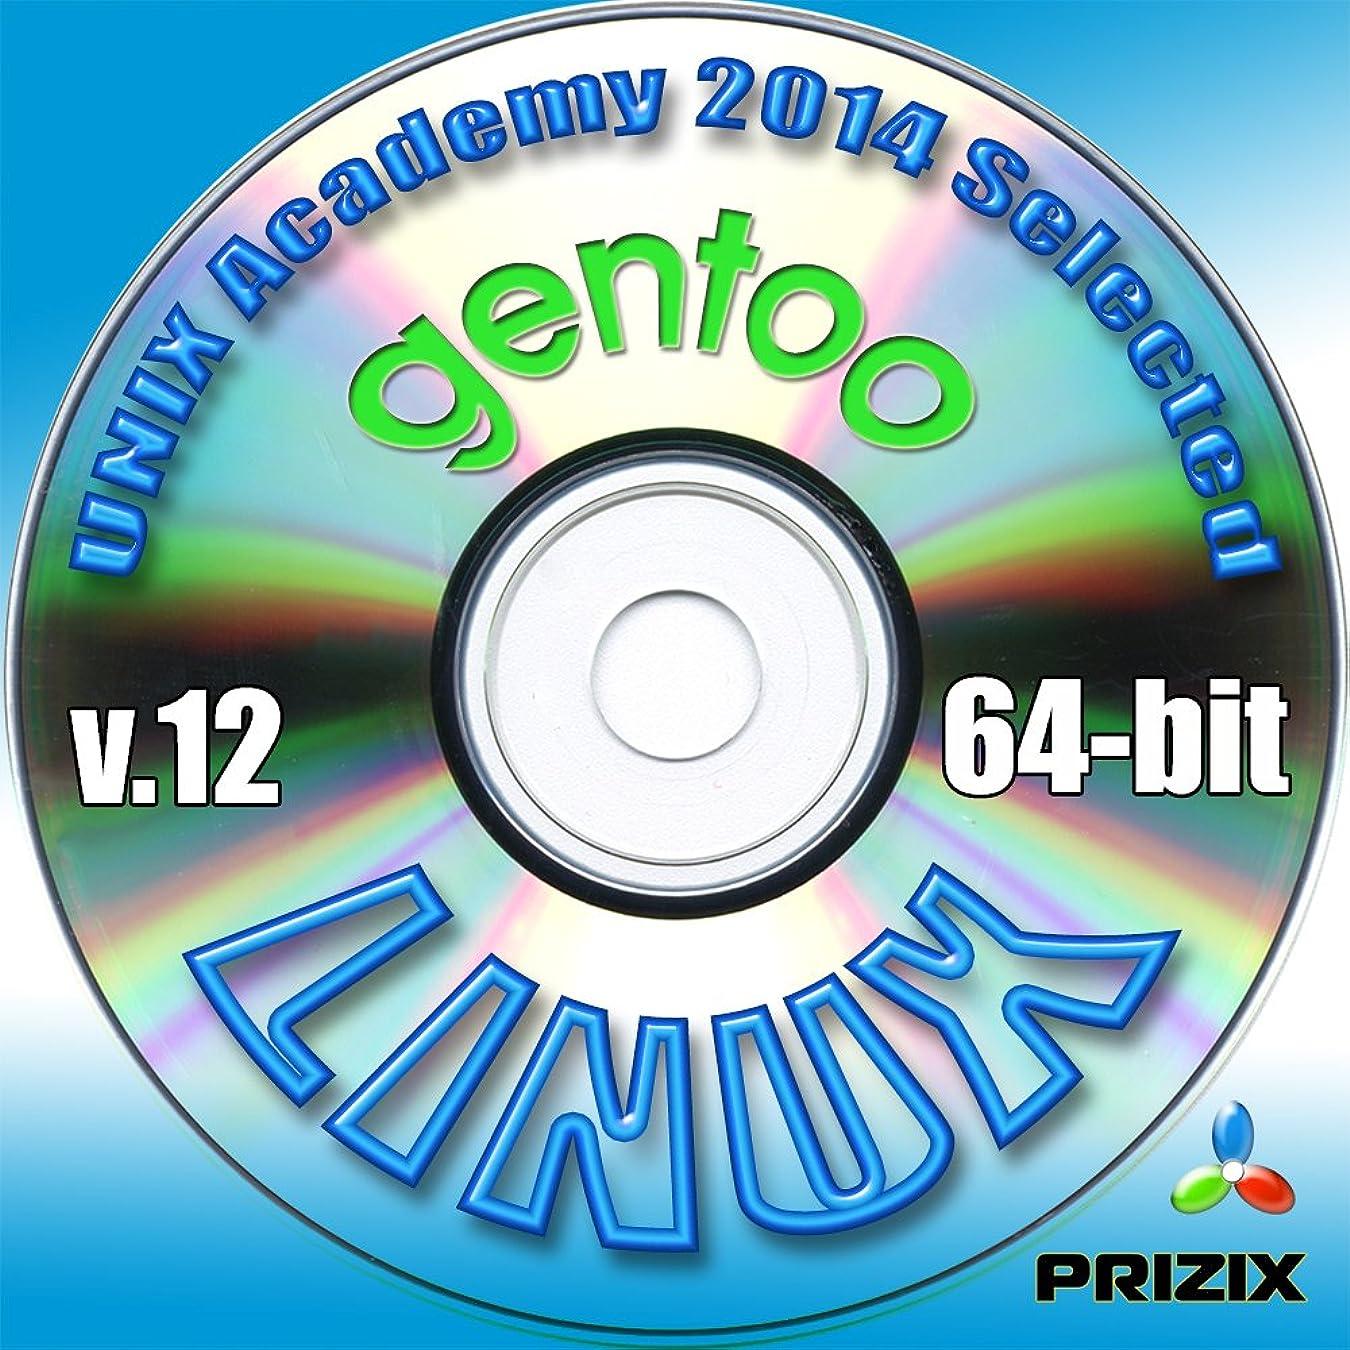 Gentooの12のLinuxのDVDの64ビットフルインストールには、無料のUNIXアカデミー評価試験、